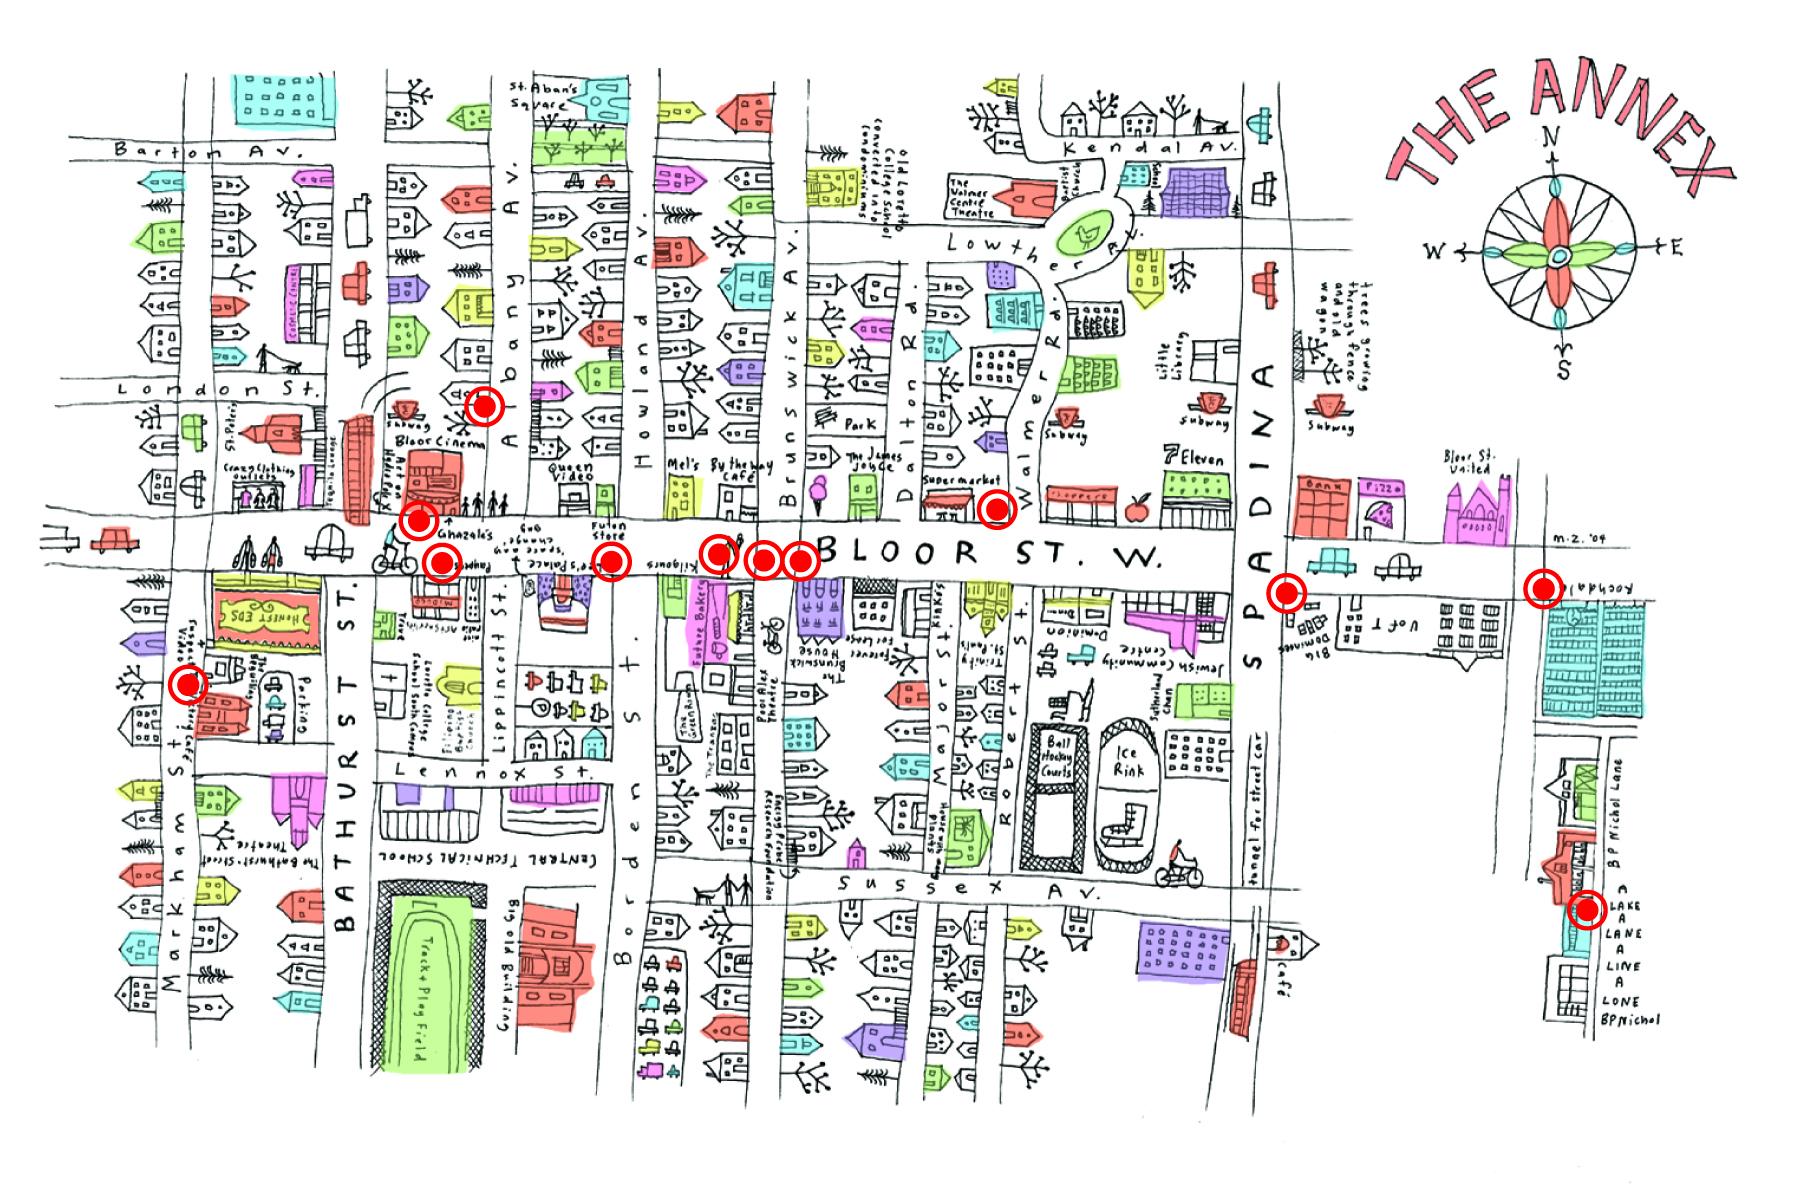 ANNEX  sc 1 st  Spacing Magazine & Door Open Weekend \u2014 ghosts [murmur] maps \u0026 Redesigning Toronto ...